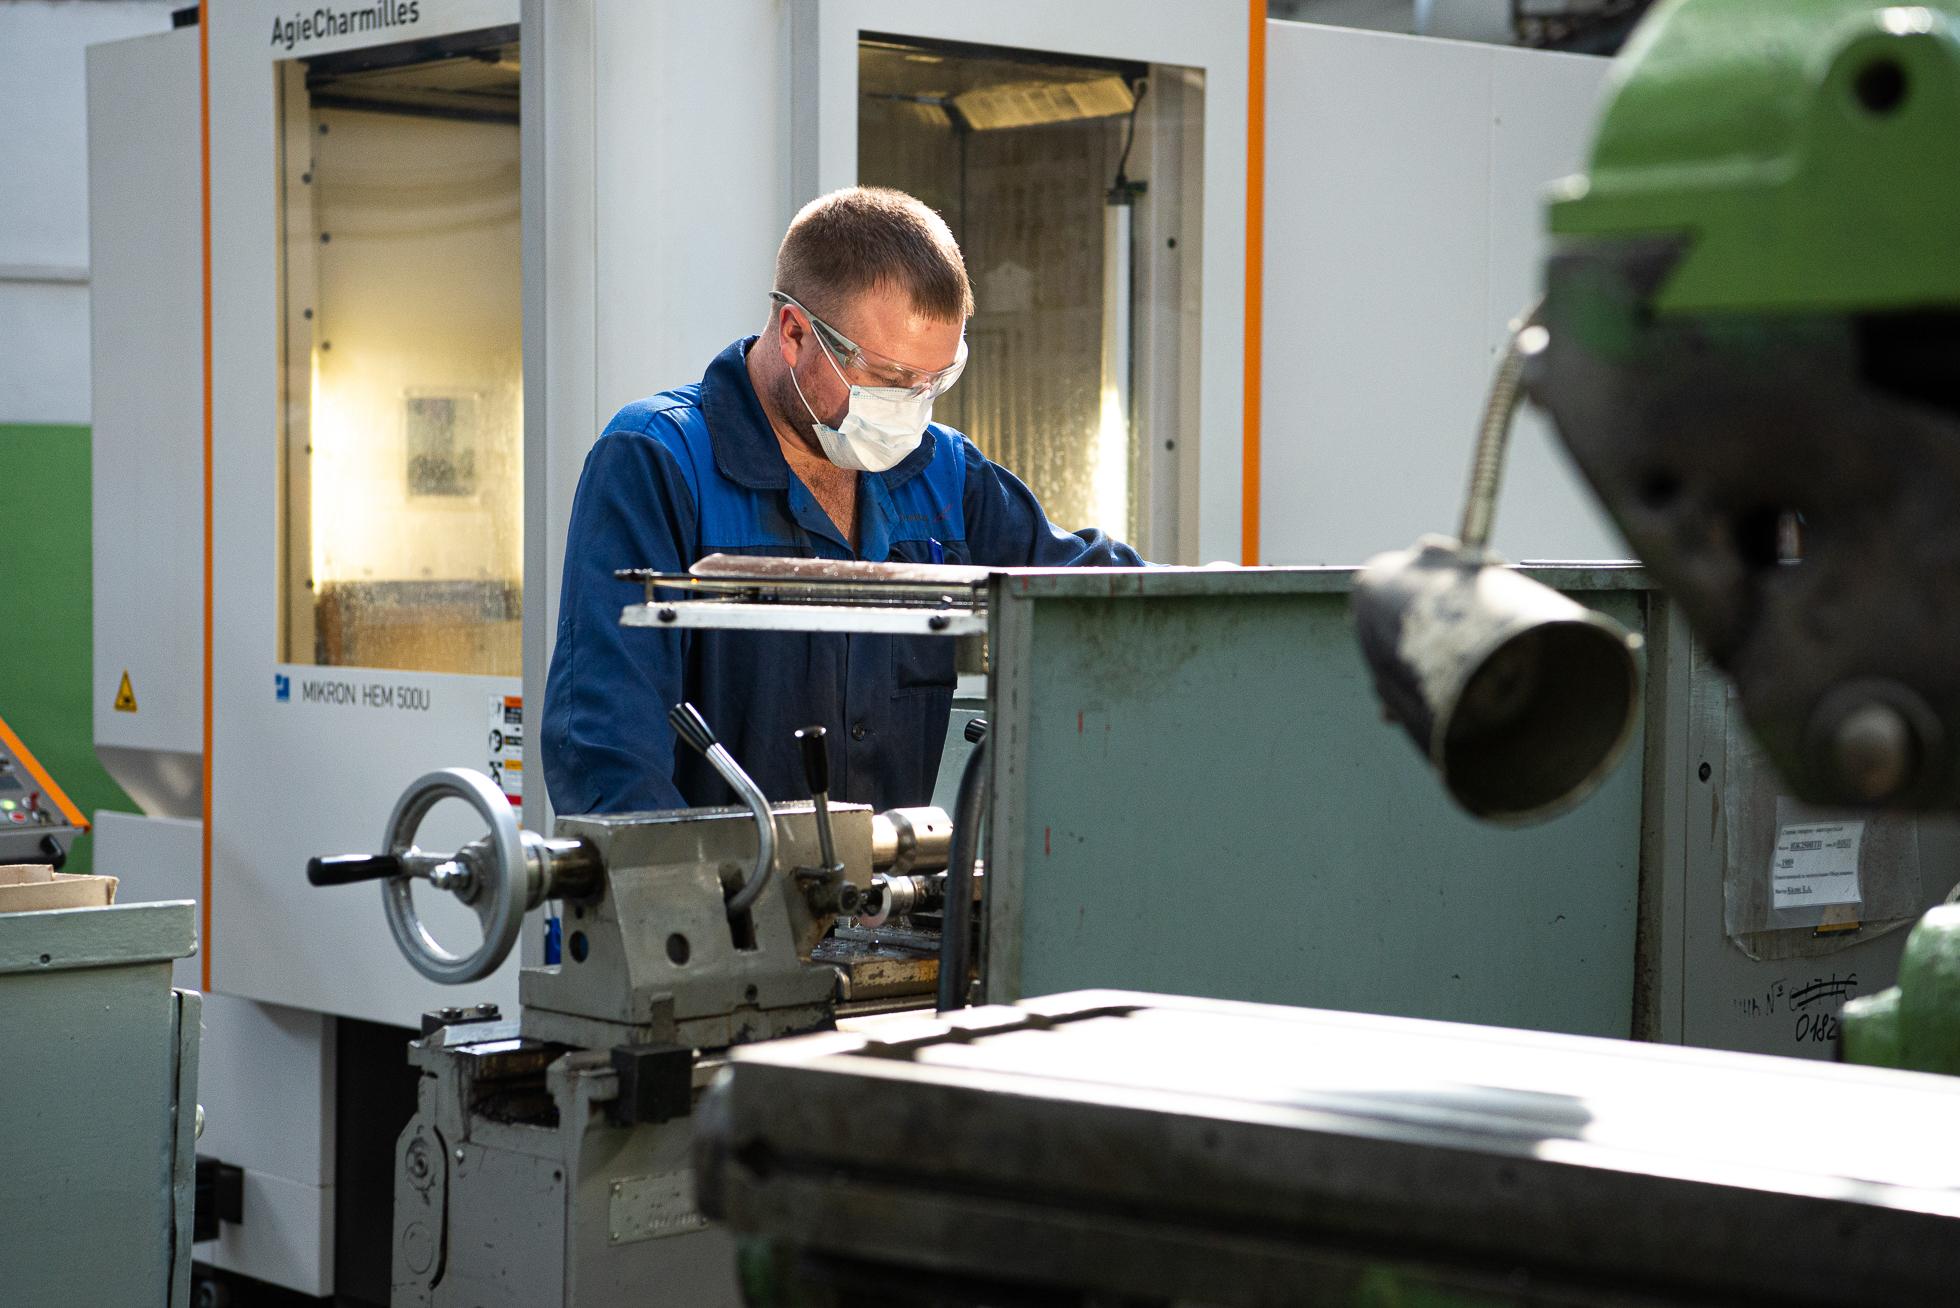 Линейный персонал — сотрудники, задействованные непосредственно на производстве, — с головой погружаются в обучение